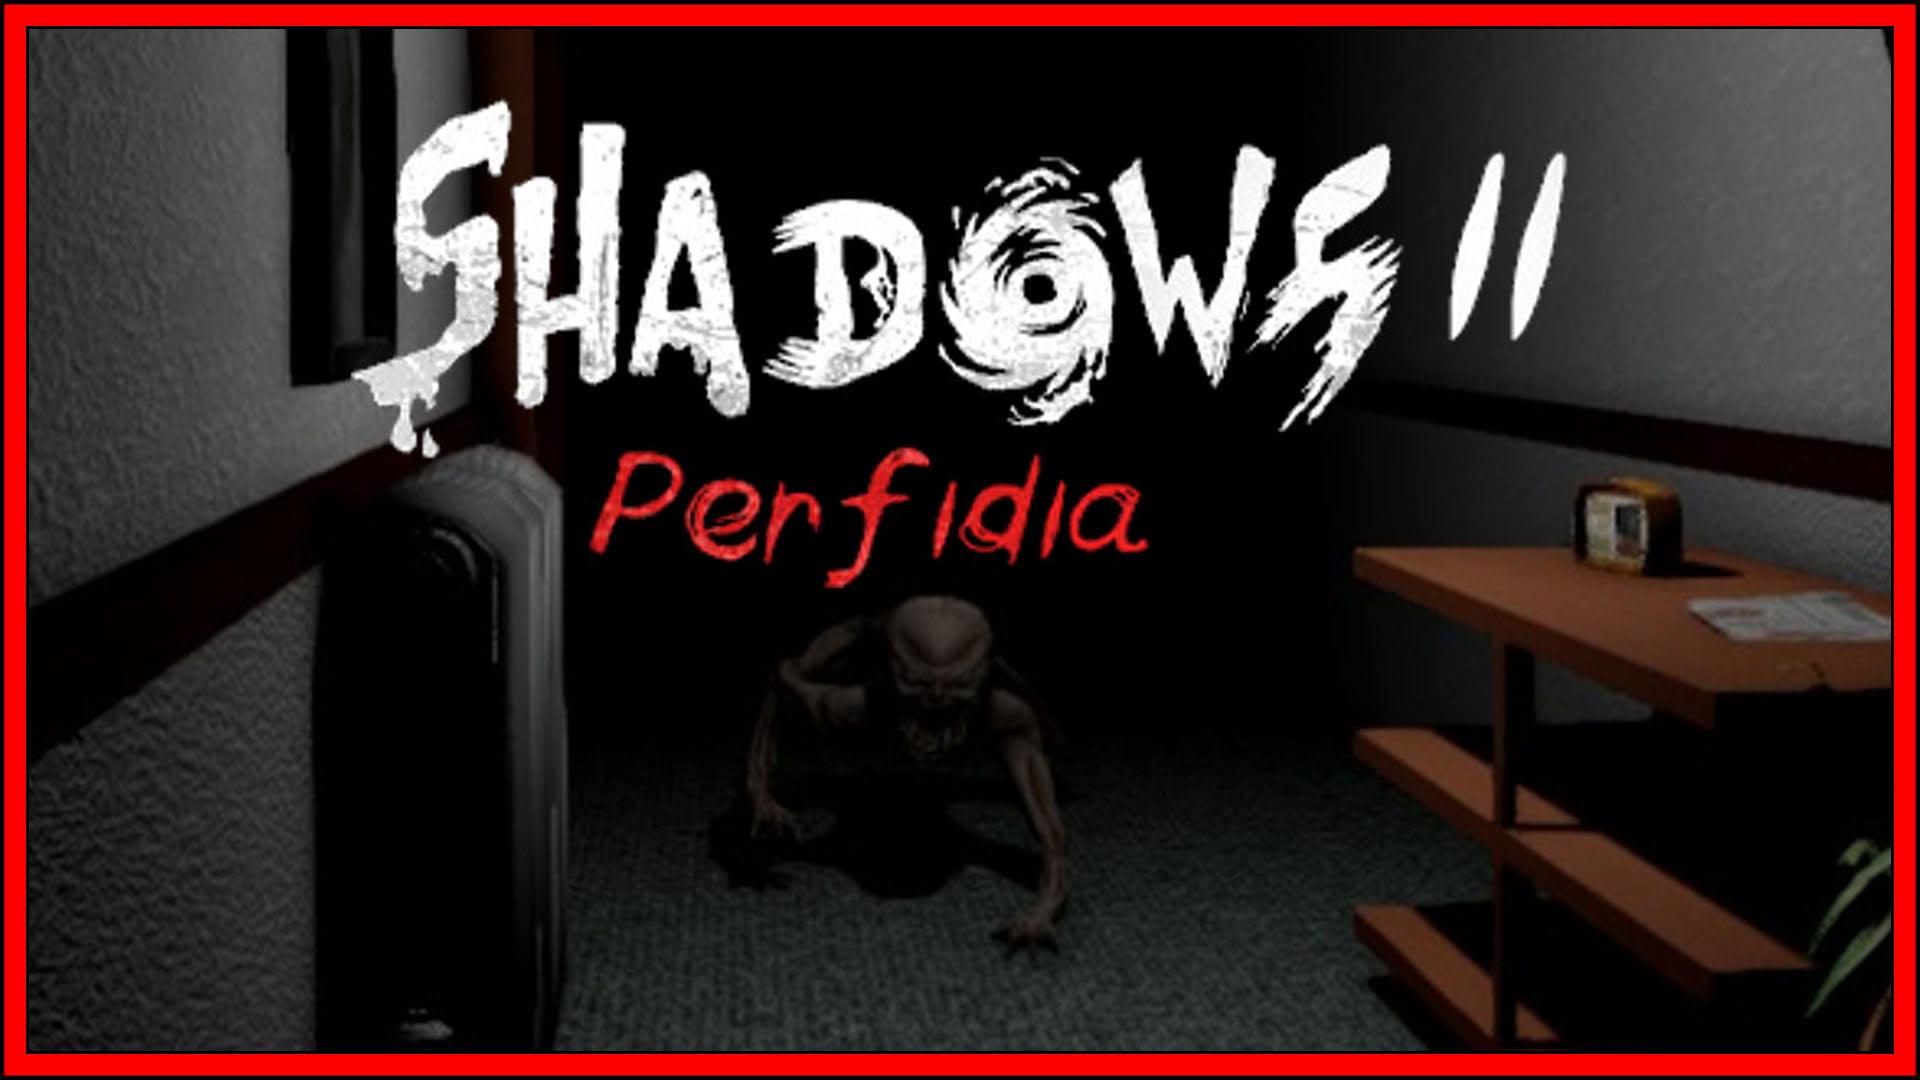 Shadows II Fi3